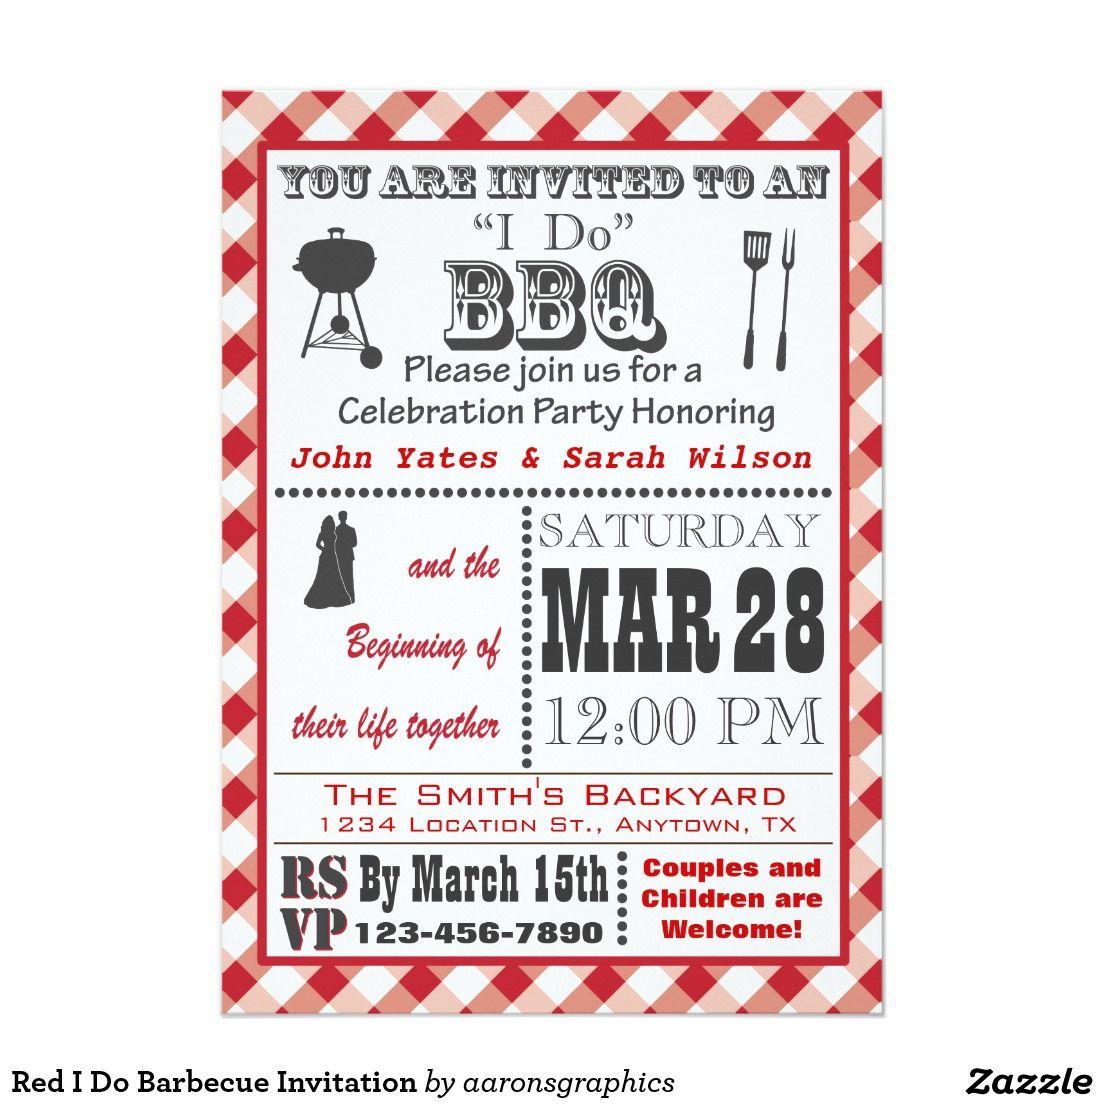 Red I Do Barbecue Invitation 5\